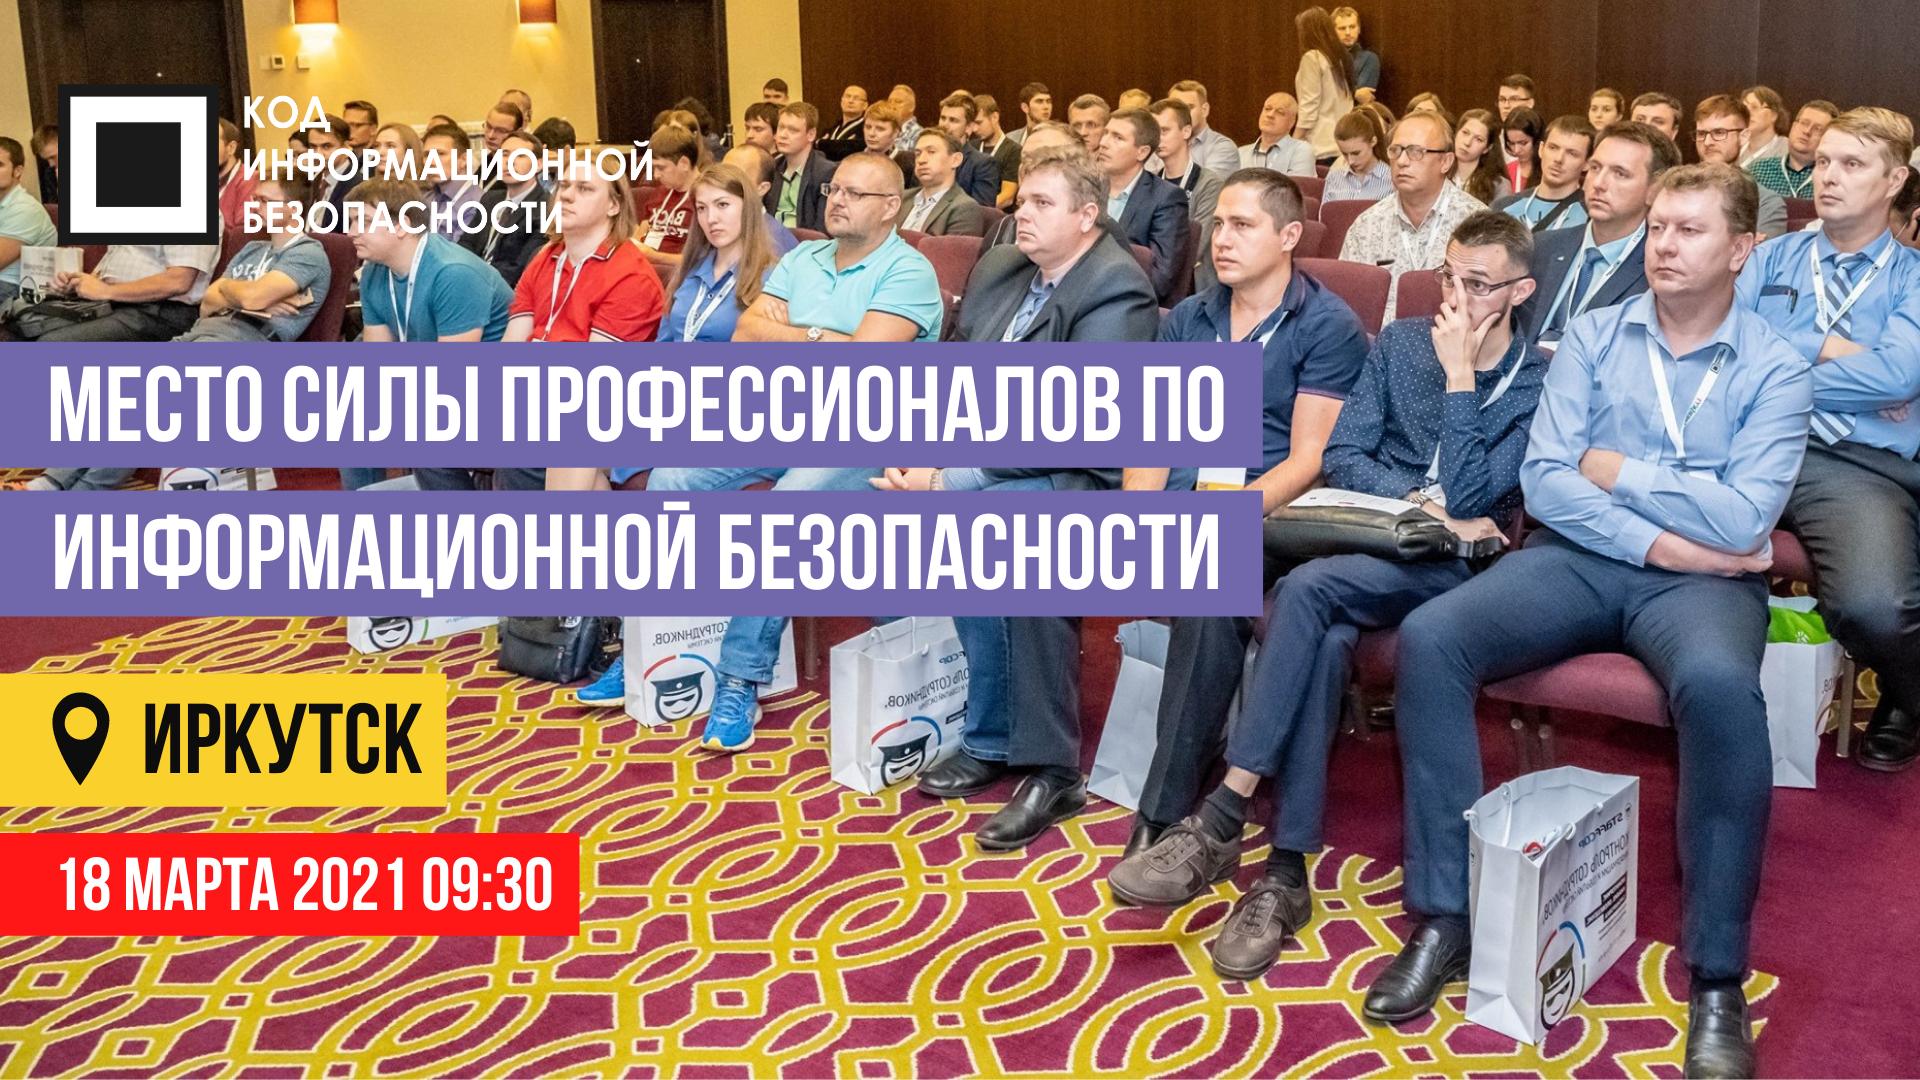 Иркутск станет вторым городом, куда приедет знаковая конференция КодИБ